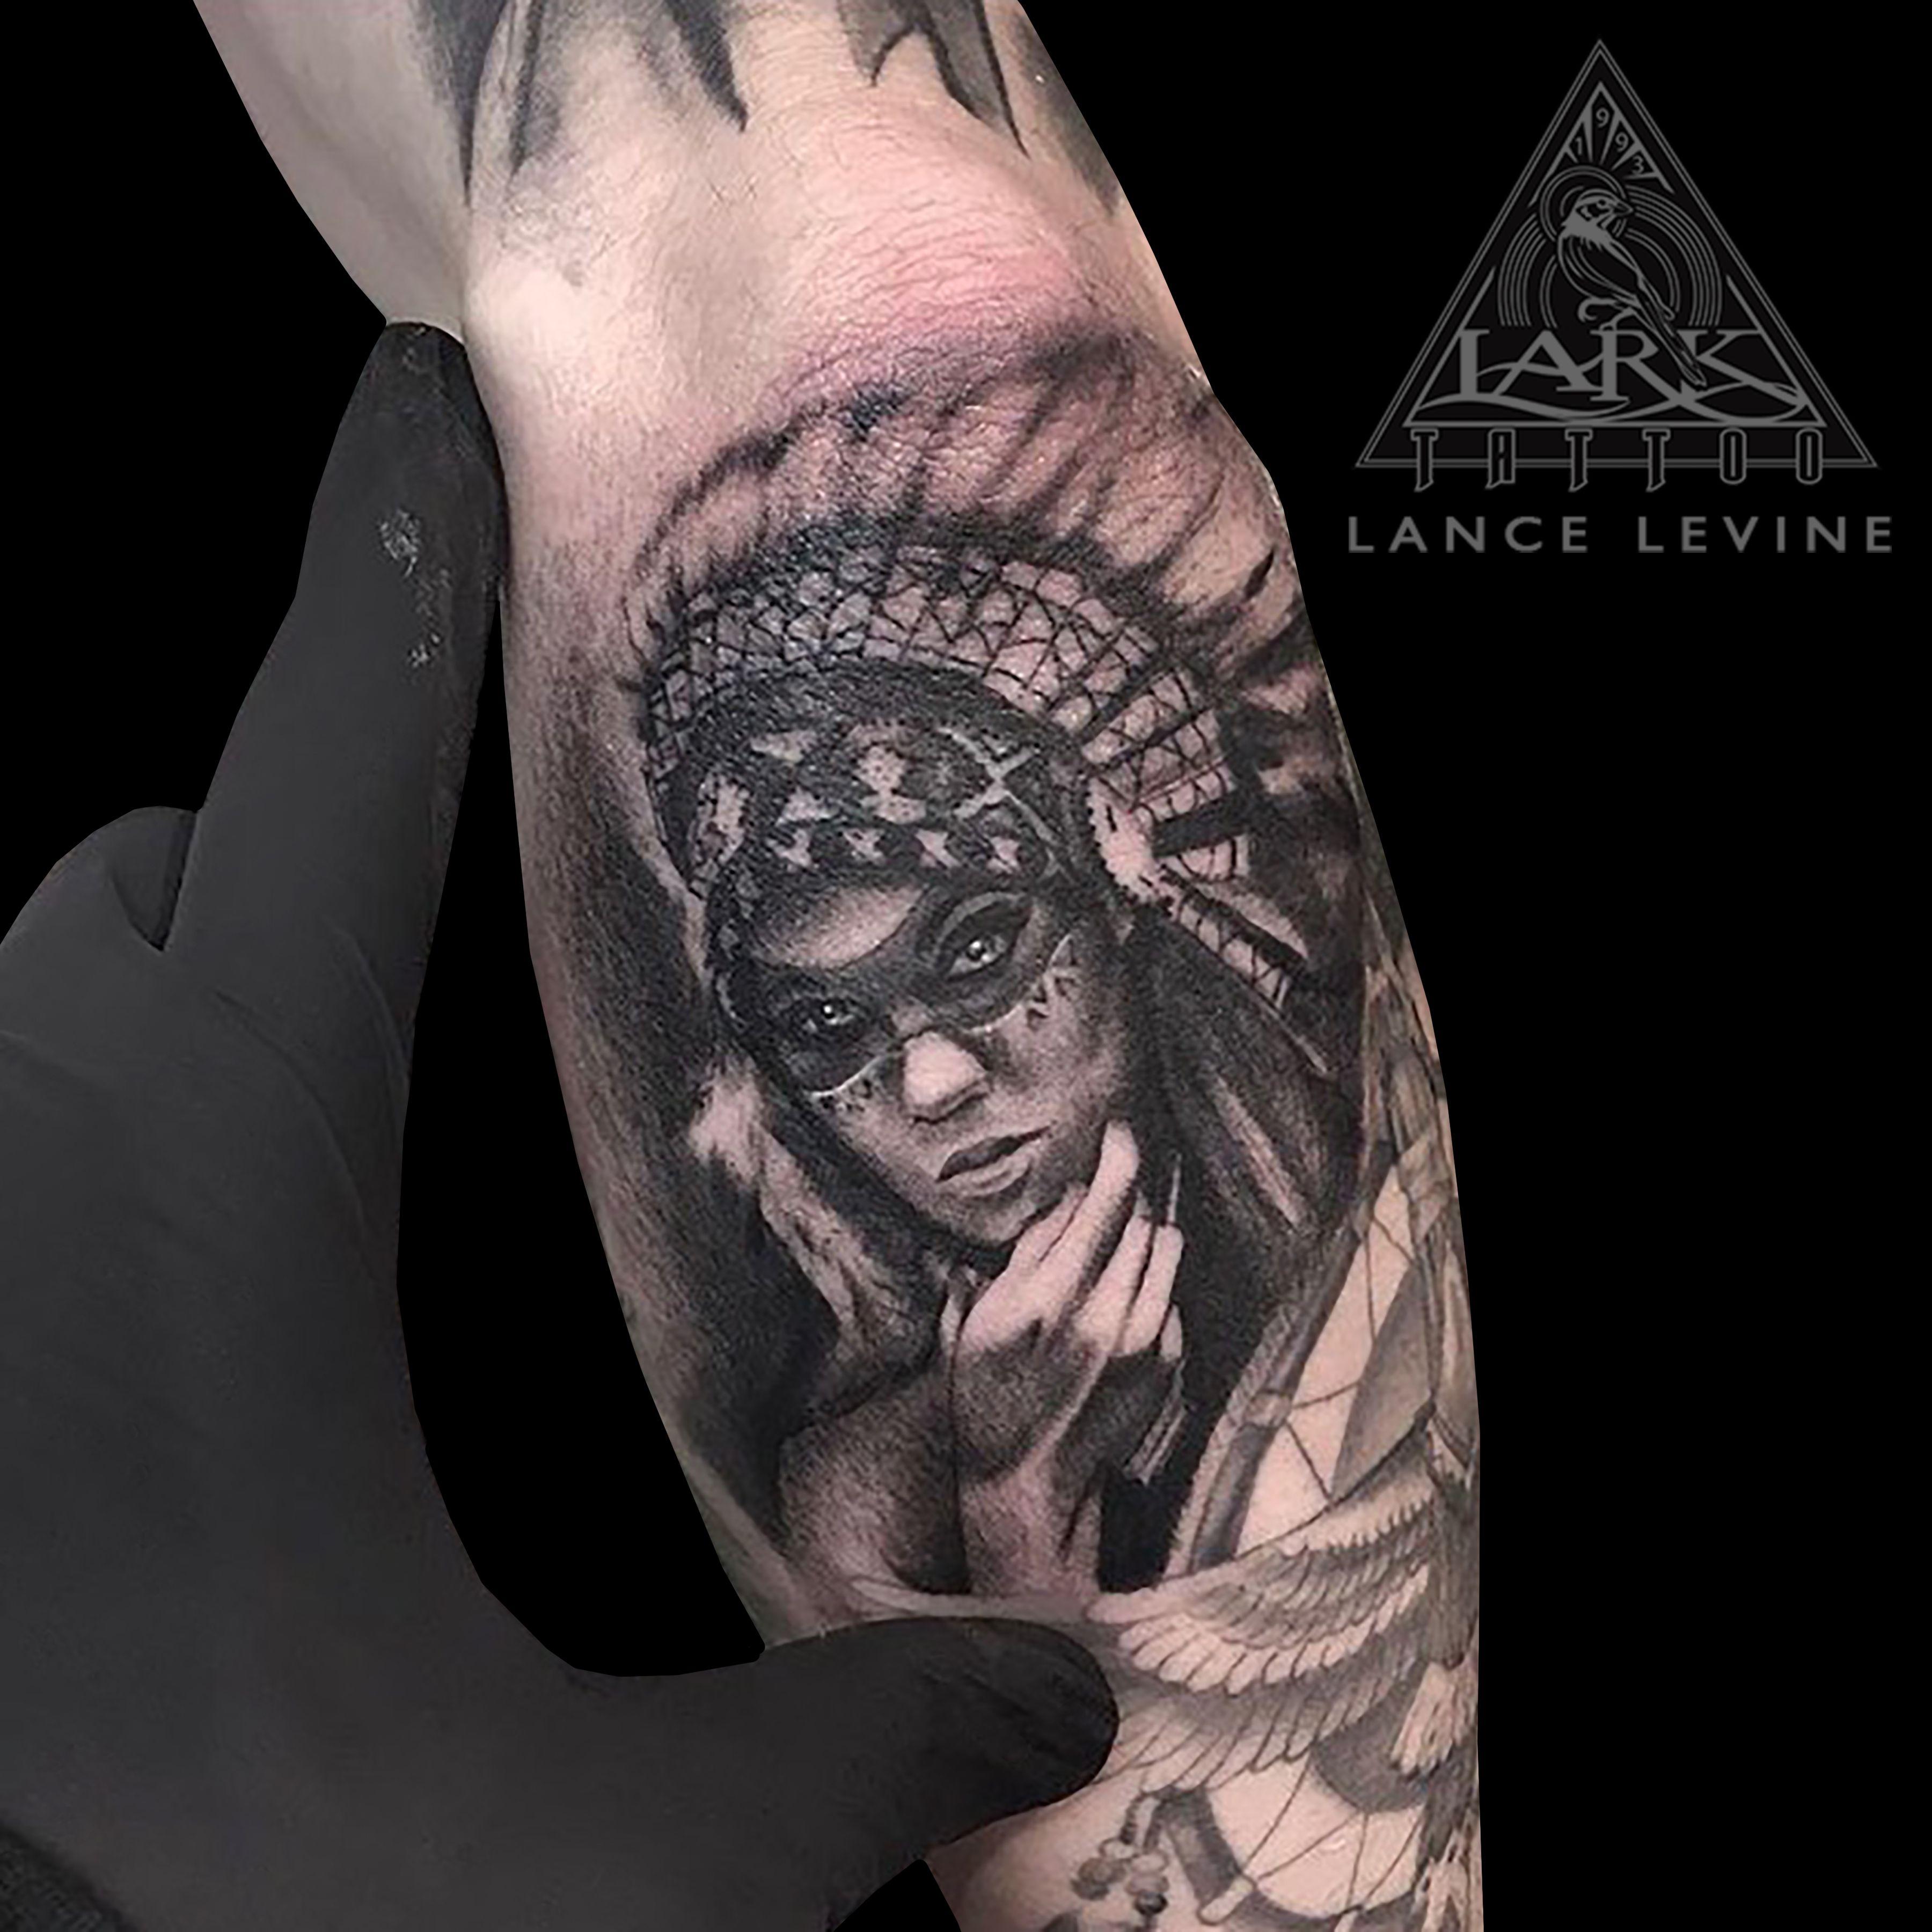 af47db39d7b38 Tattoo by Lark Tattoo artist Lance Levine. #Portrait #PortraitTattoo #BNG  #BNGInkSociety #BNGTattoo #BlackAndGray #BlackAndGrayTattoo #BlackAndGrey  ...